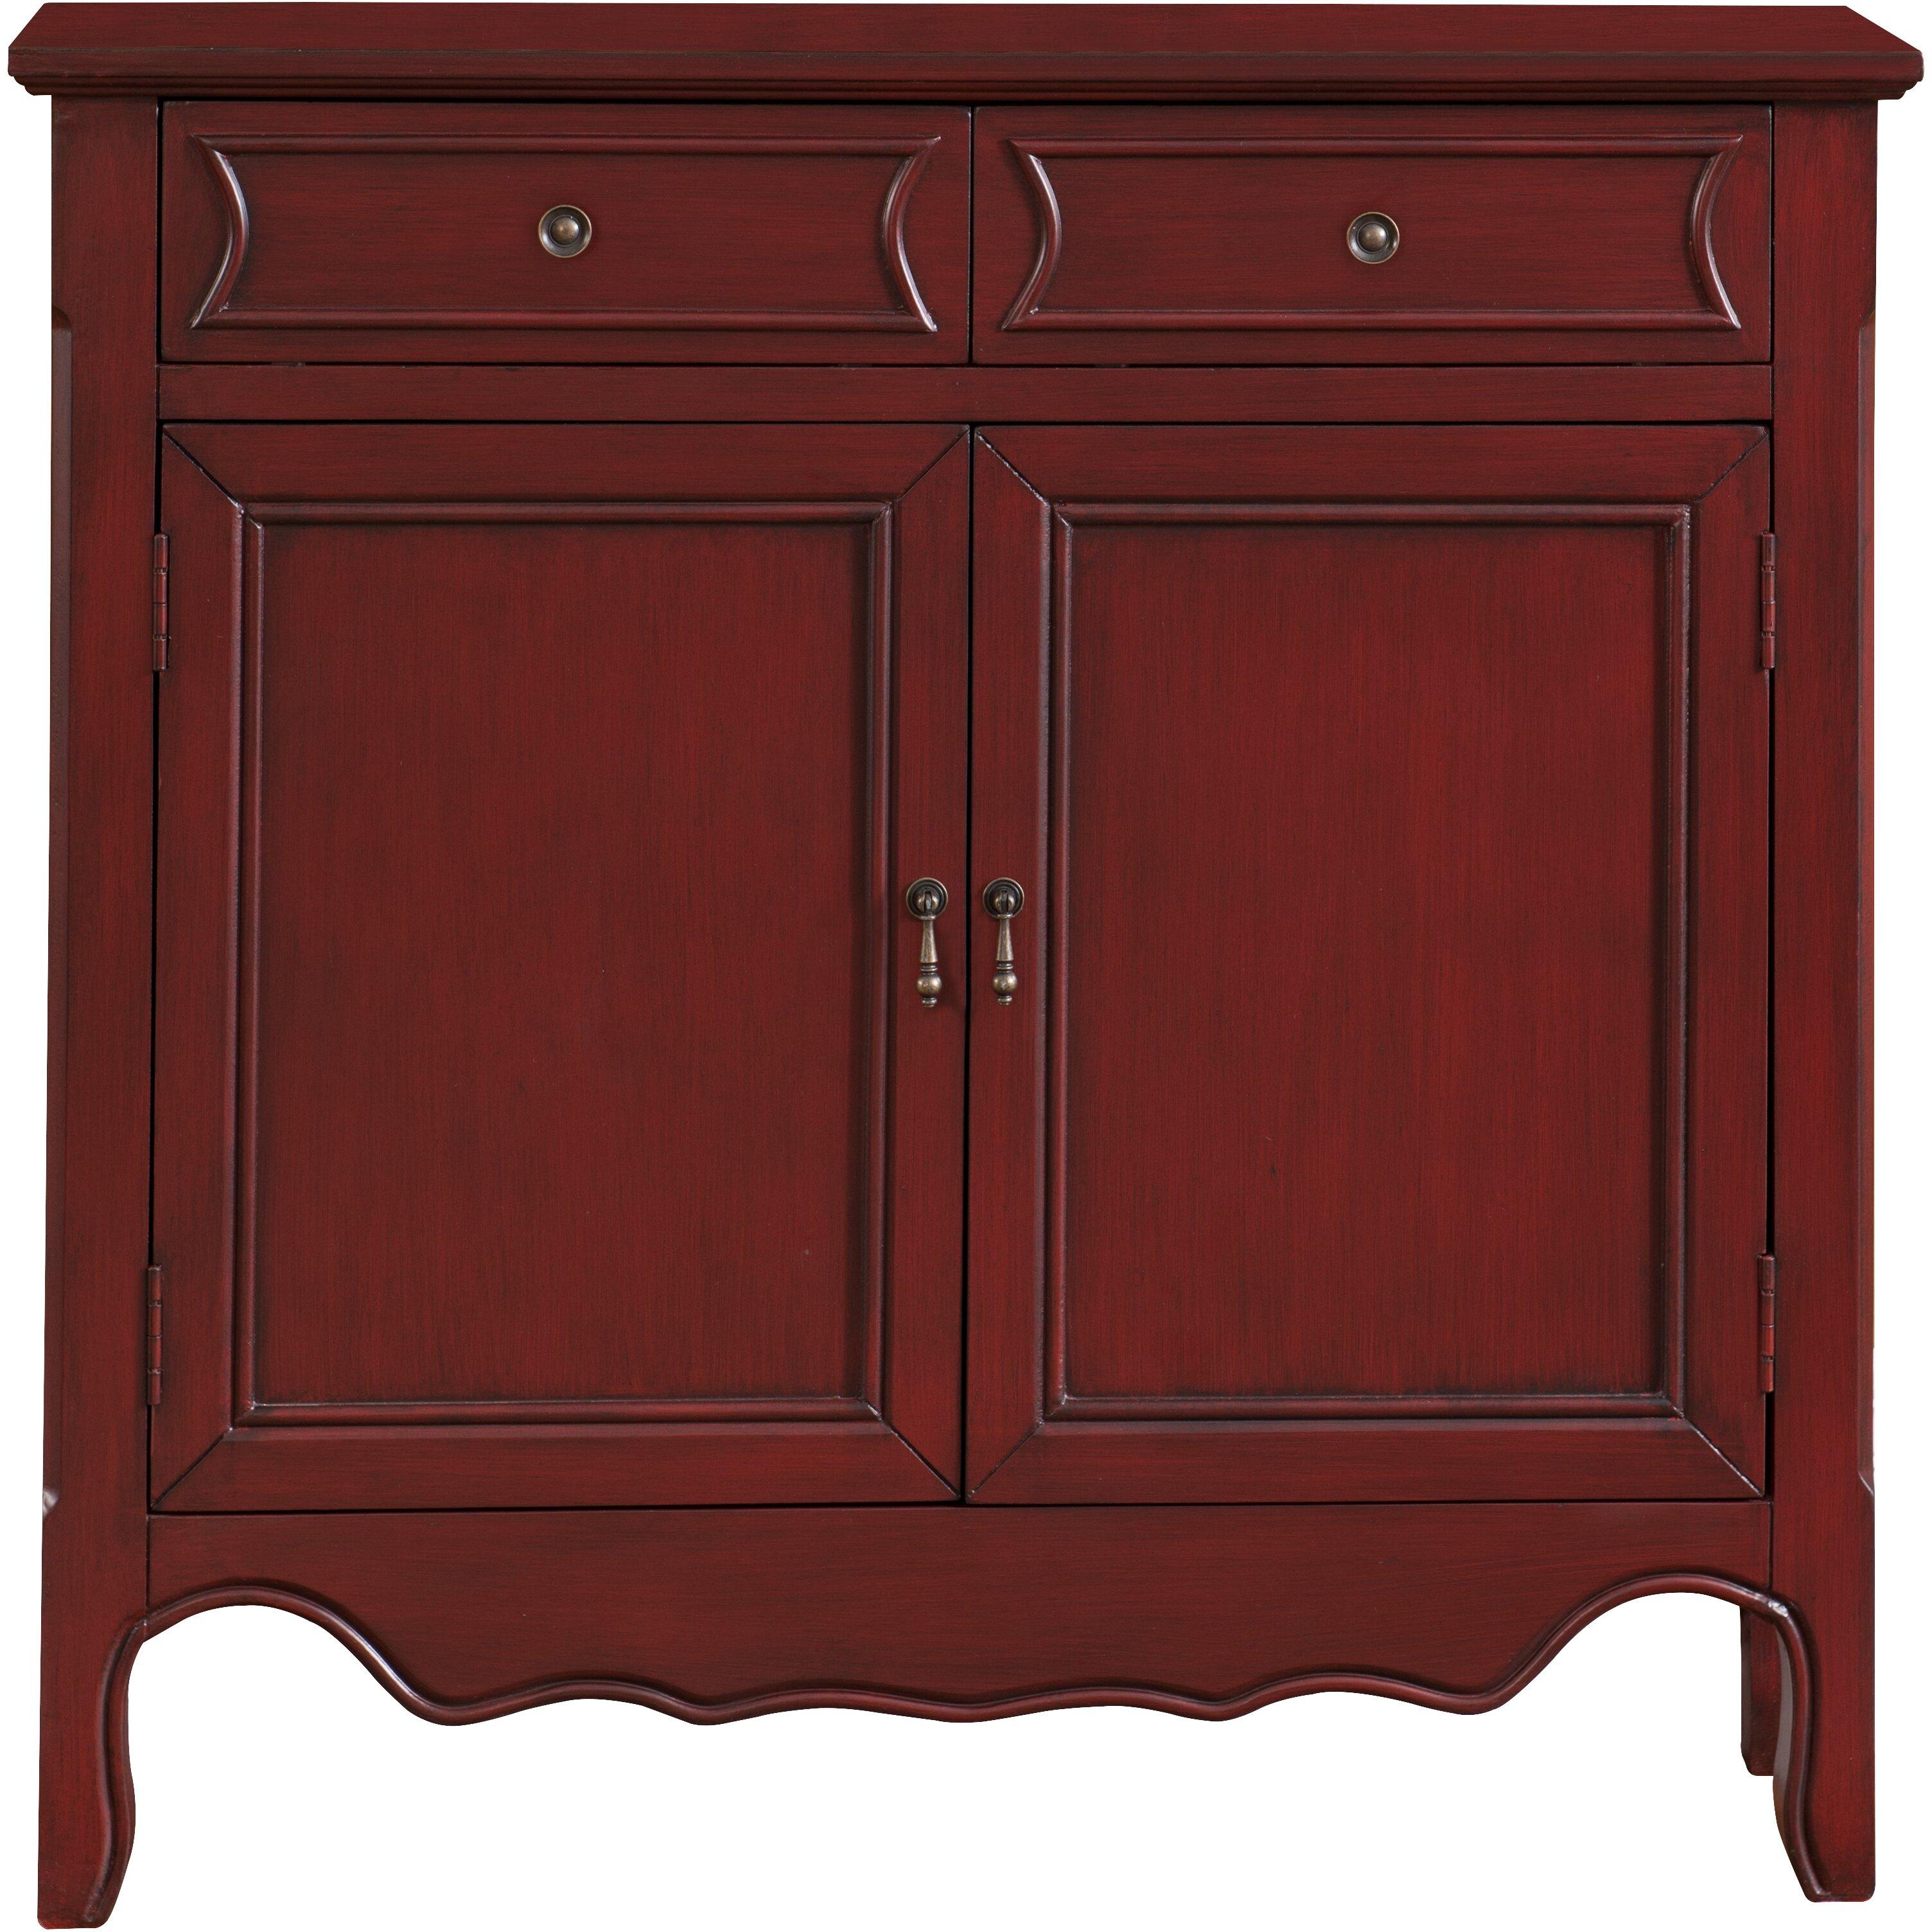 Lark manor bayonne 2 drawer 2 door cabinet reviews wayfair for 1 drawer 2 door cabinet